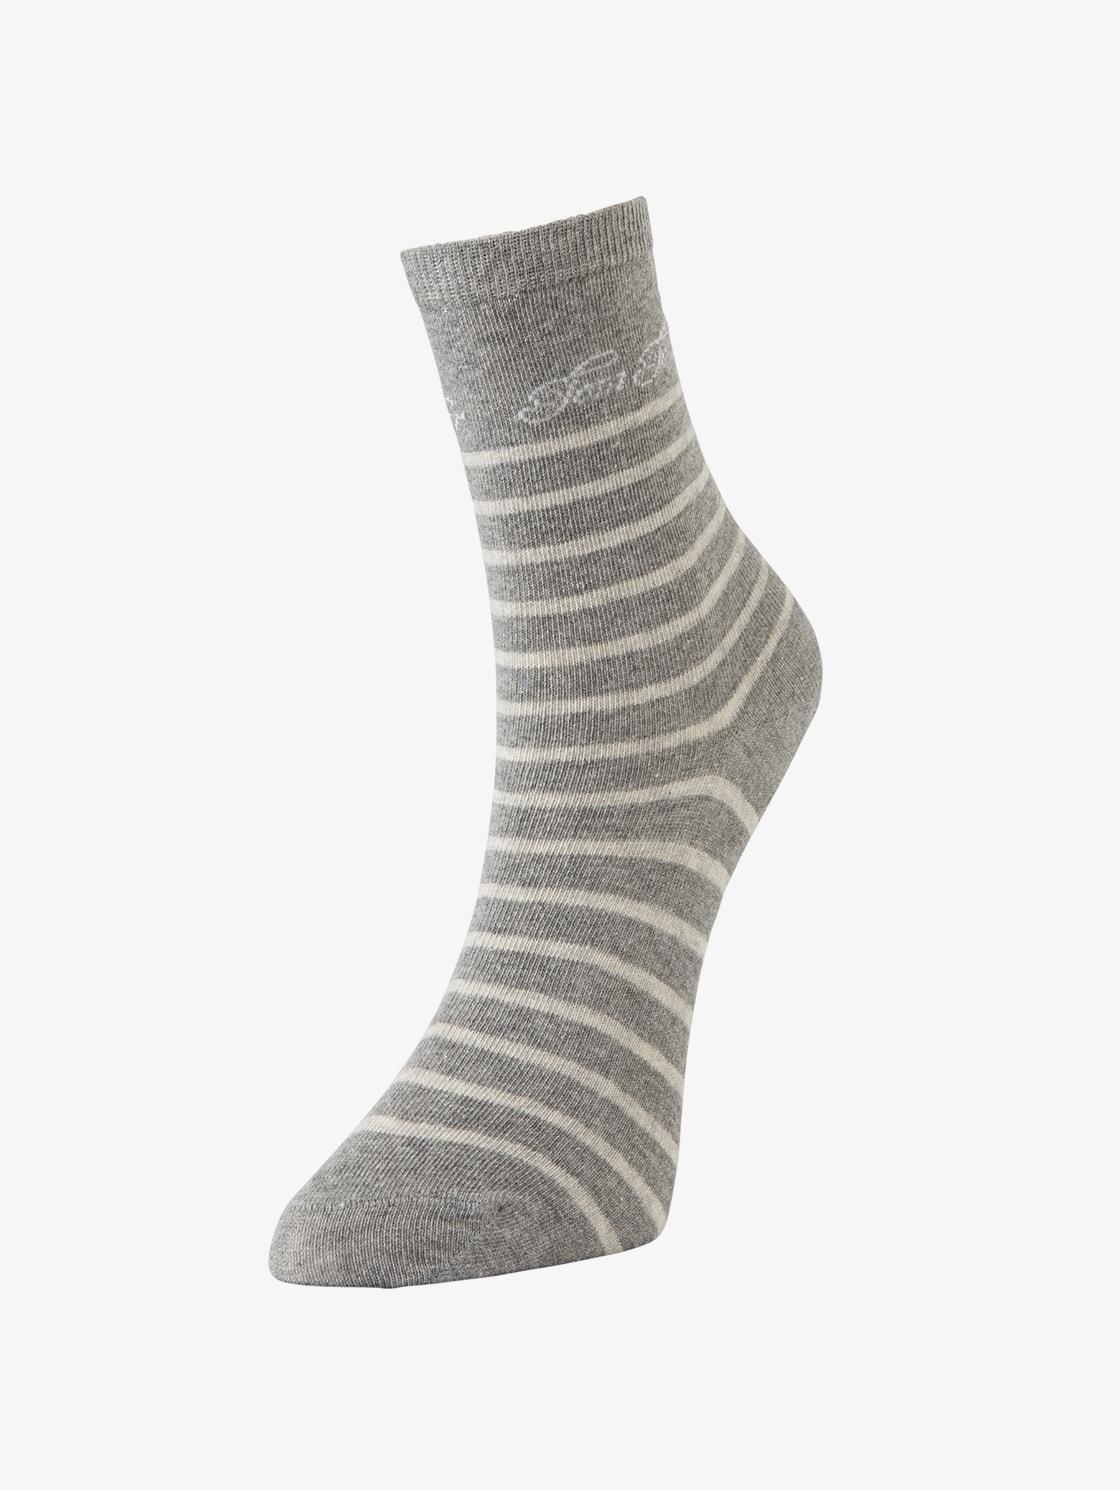 Tom Tailor Casual 2er Pack Socken mit Logo Schrift, Damen, light grey melange, Größe: 35 38